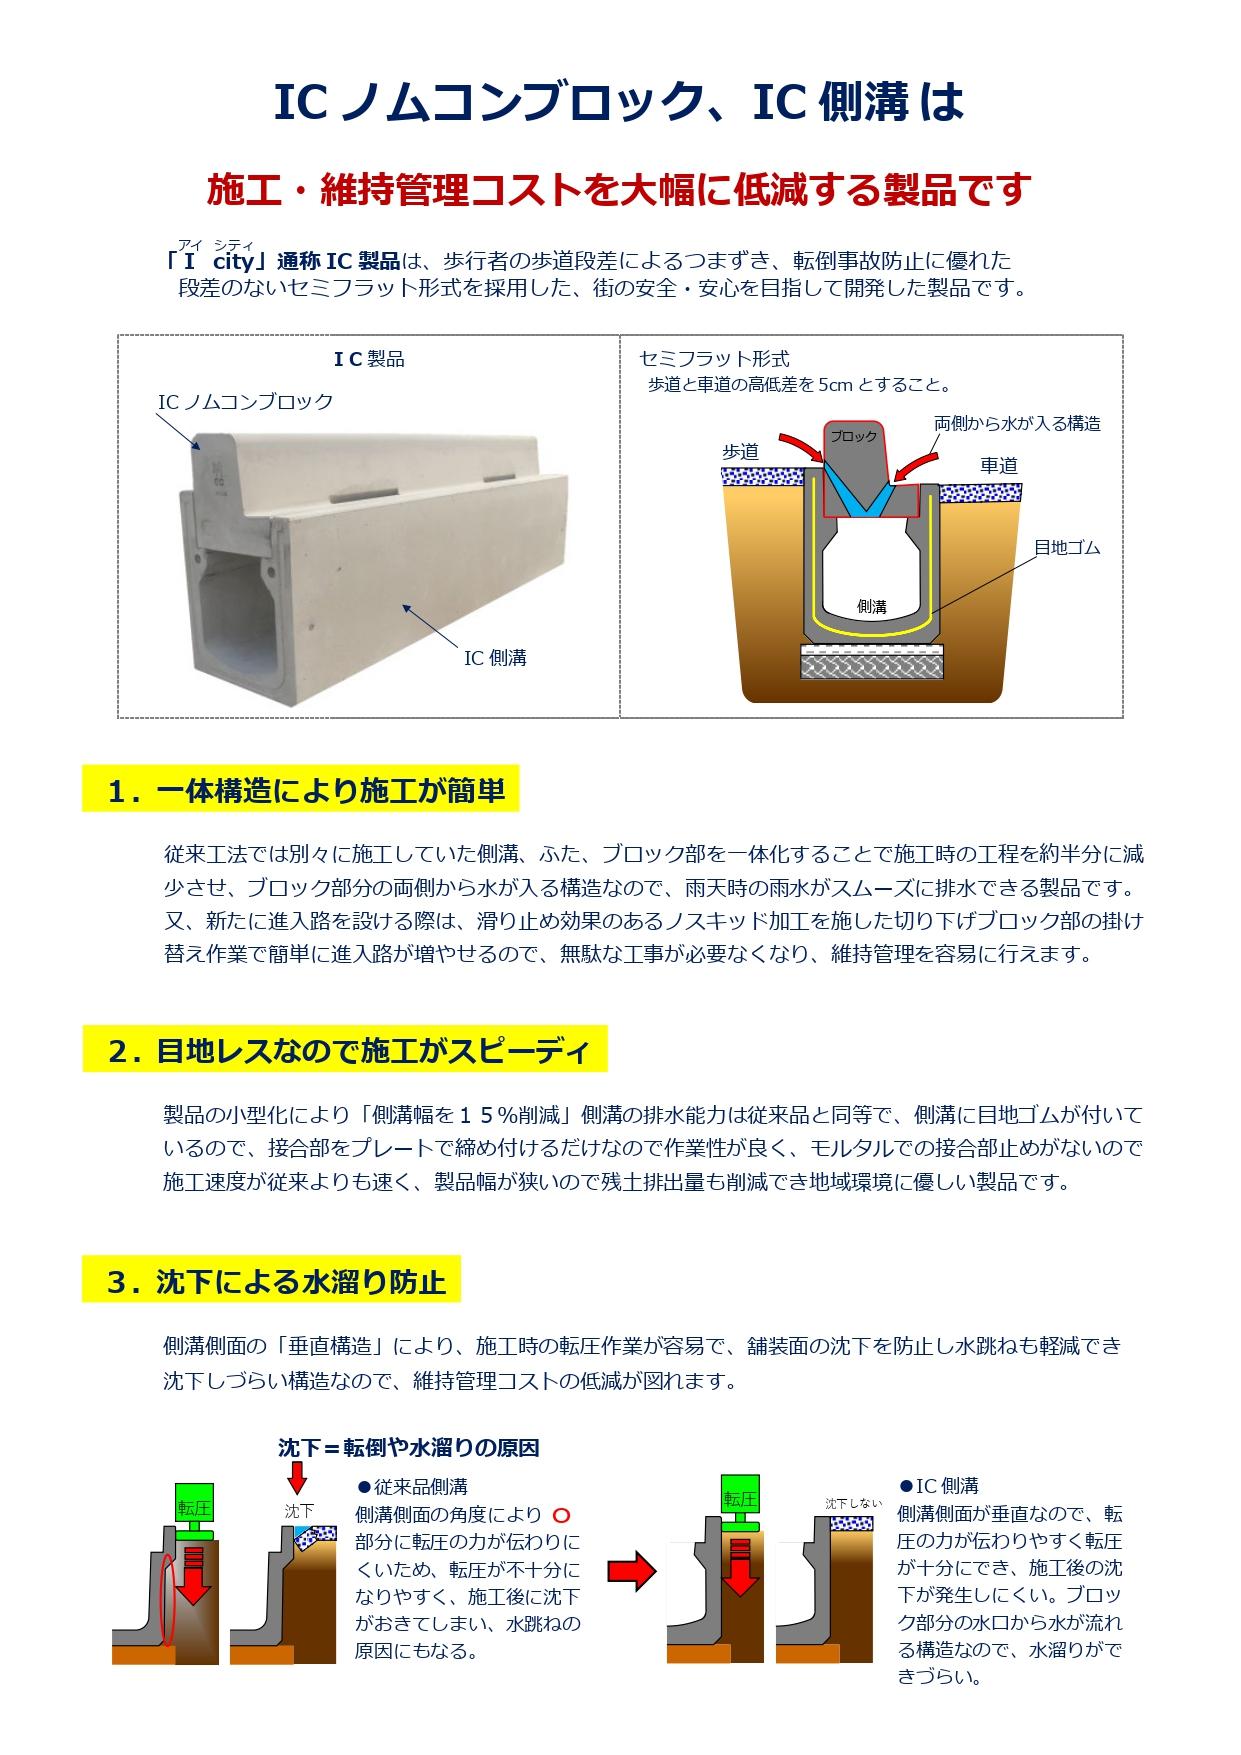 セミフラットタイプのIC製品